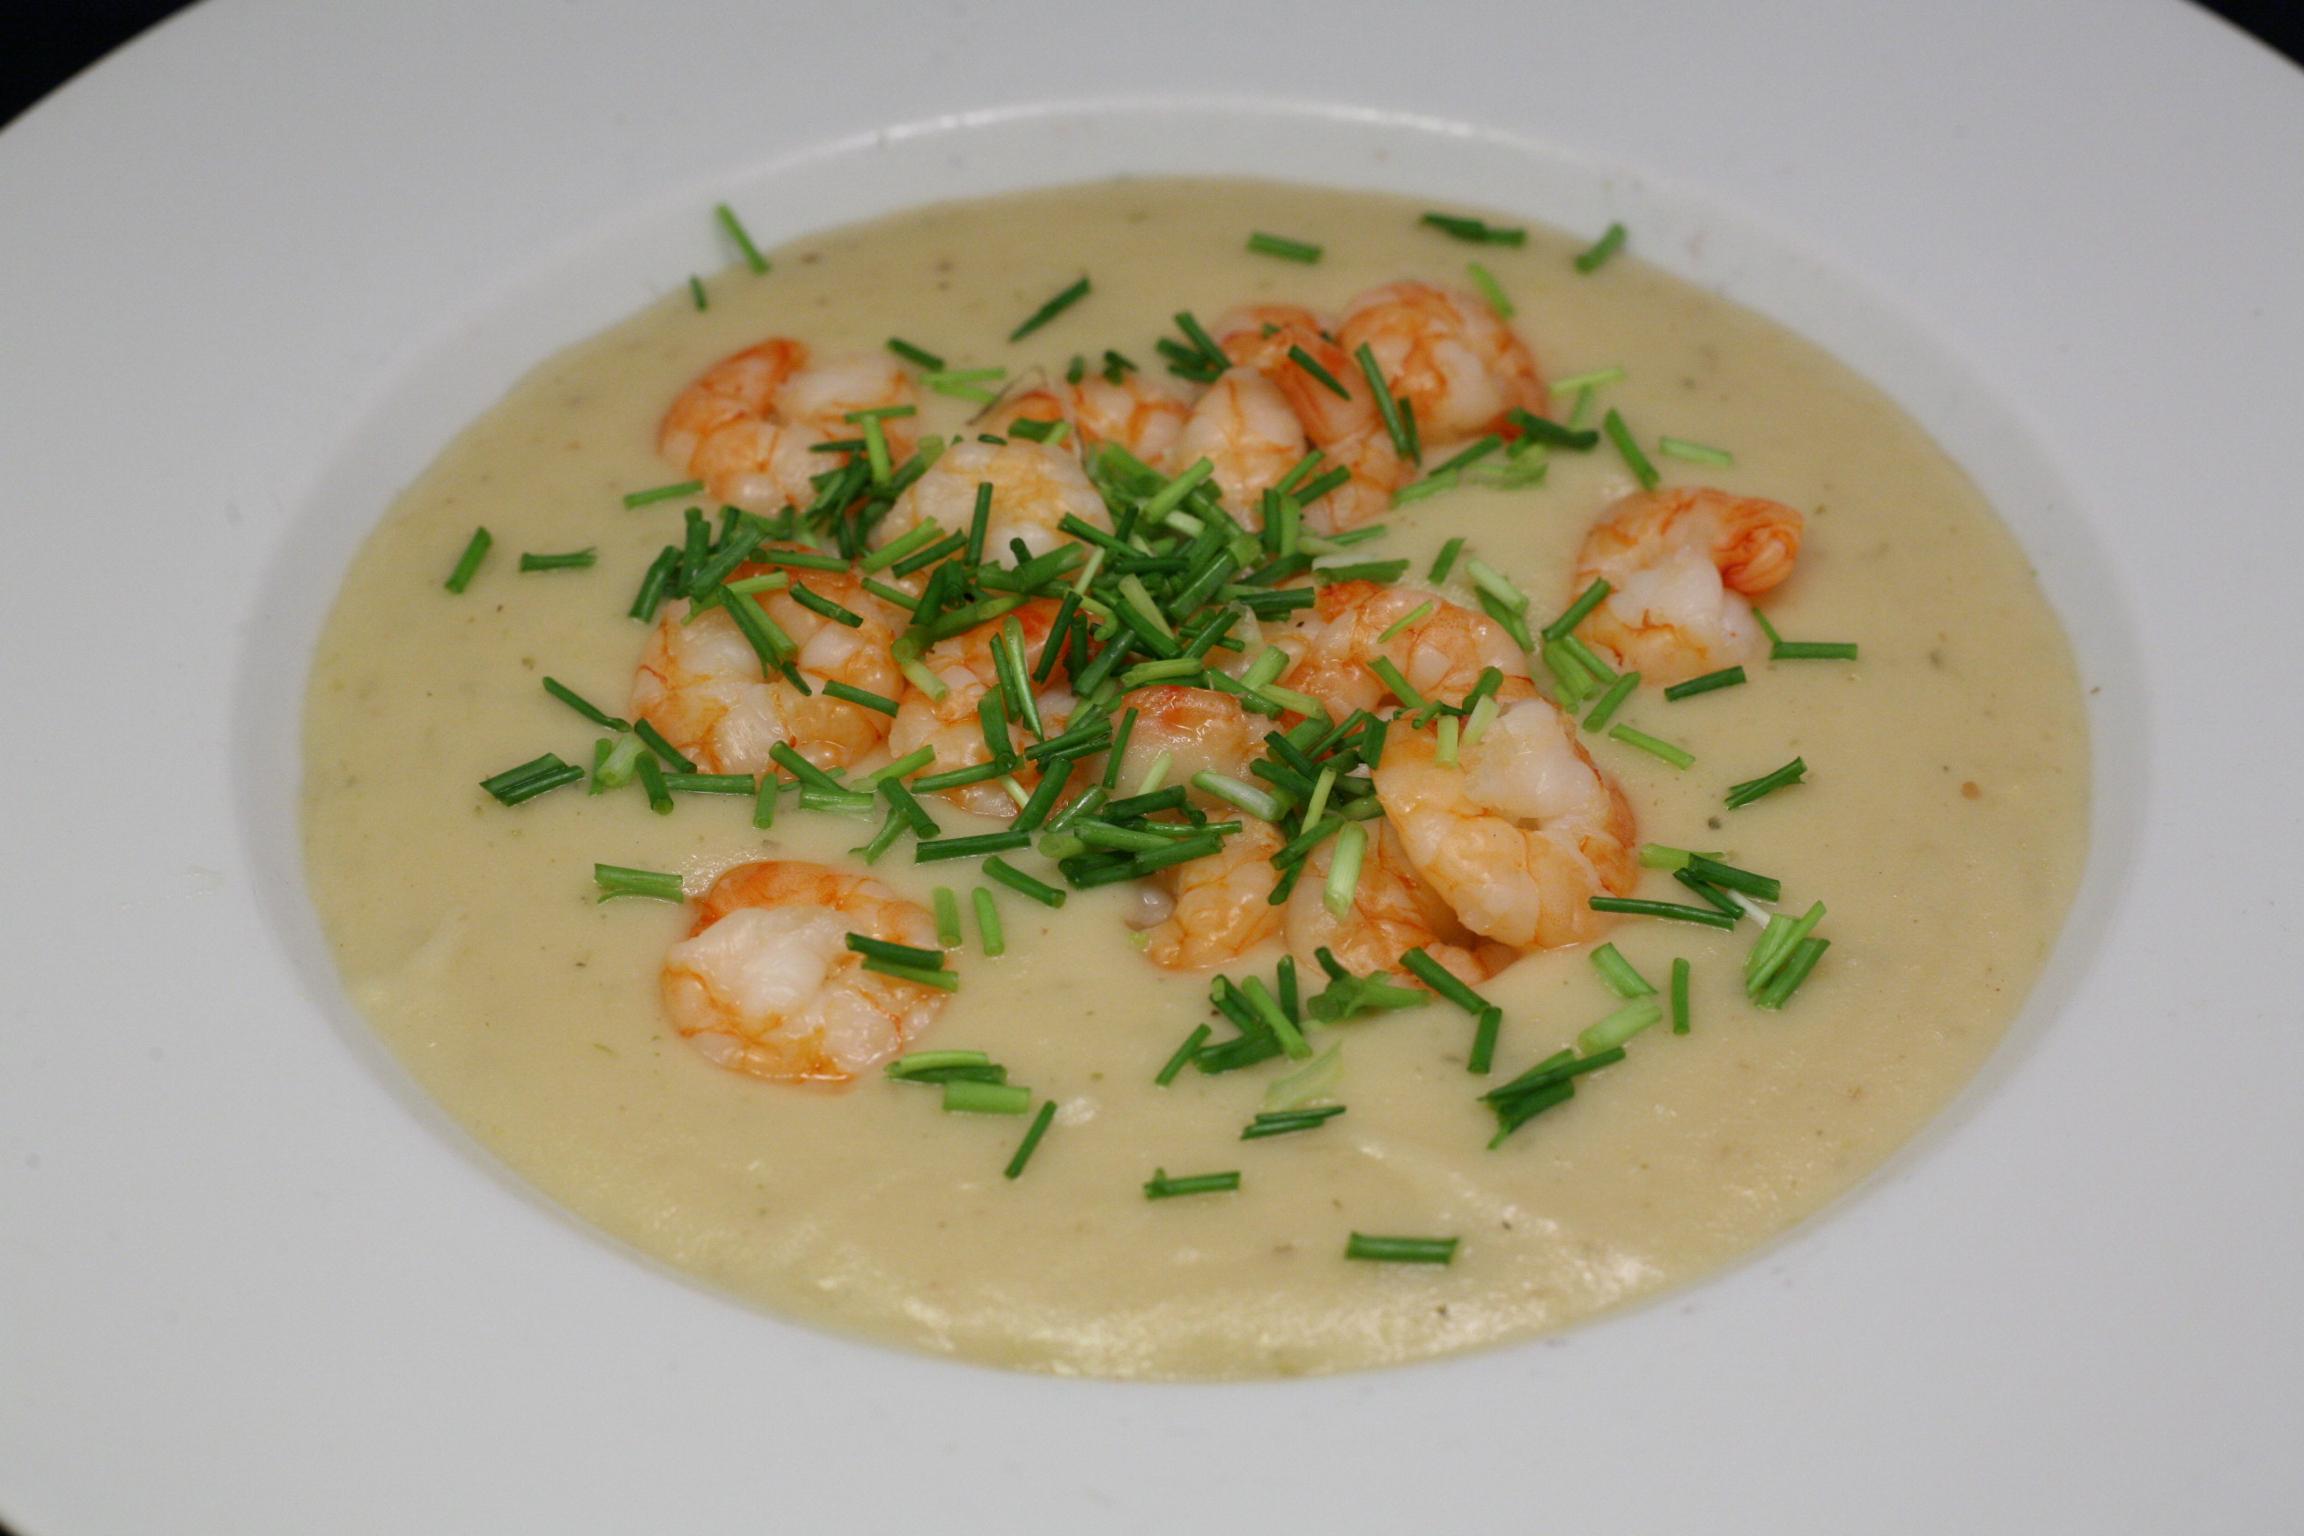 Feine Kartoffelcreme-Suppe mit Garnelen